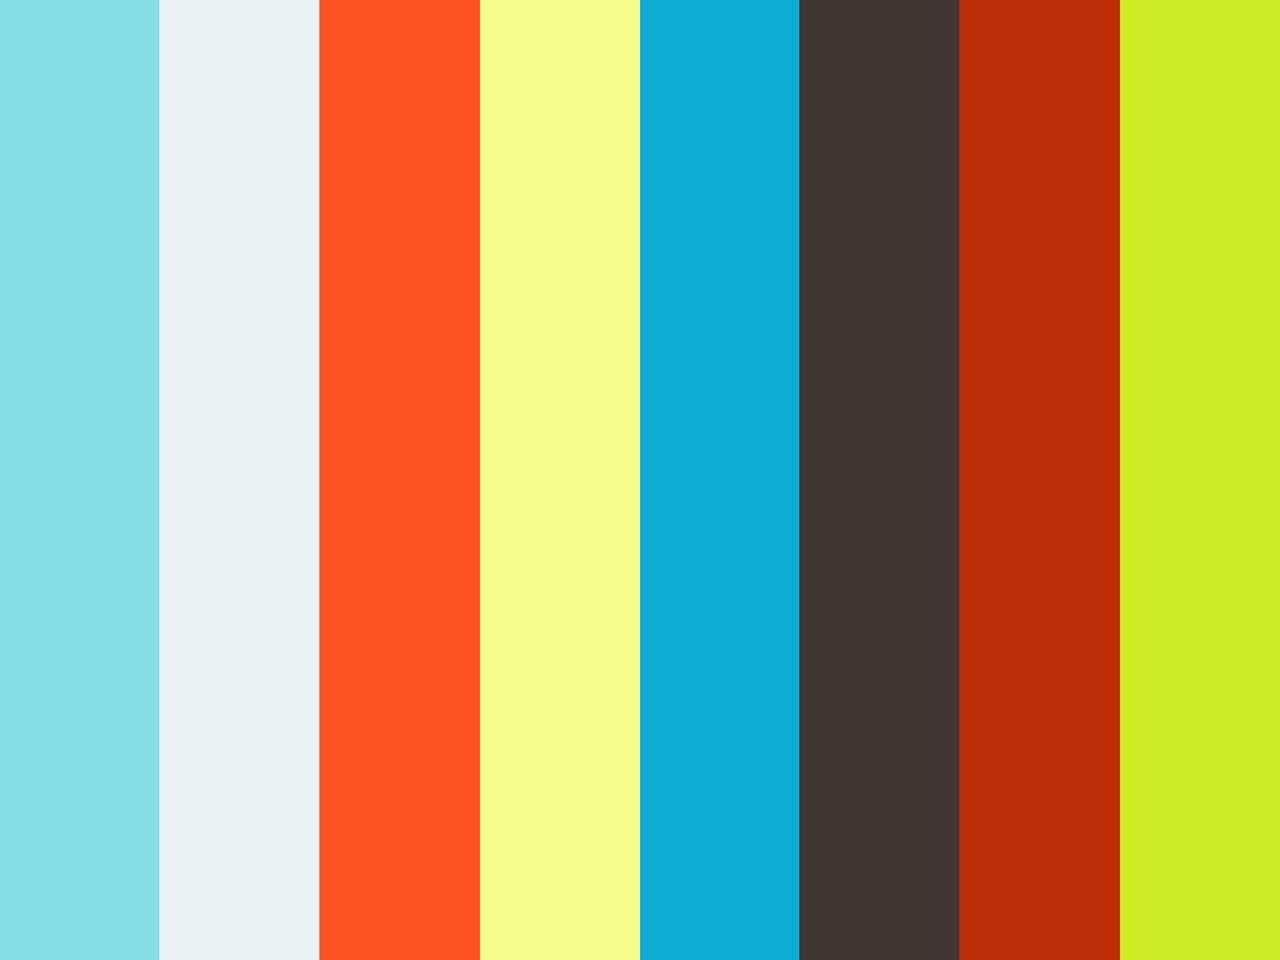 Le tableau noir 2000 film streaming en ligne en fran ais 480p 25fps h264 1 - Tableau noir en ligne ...